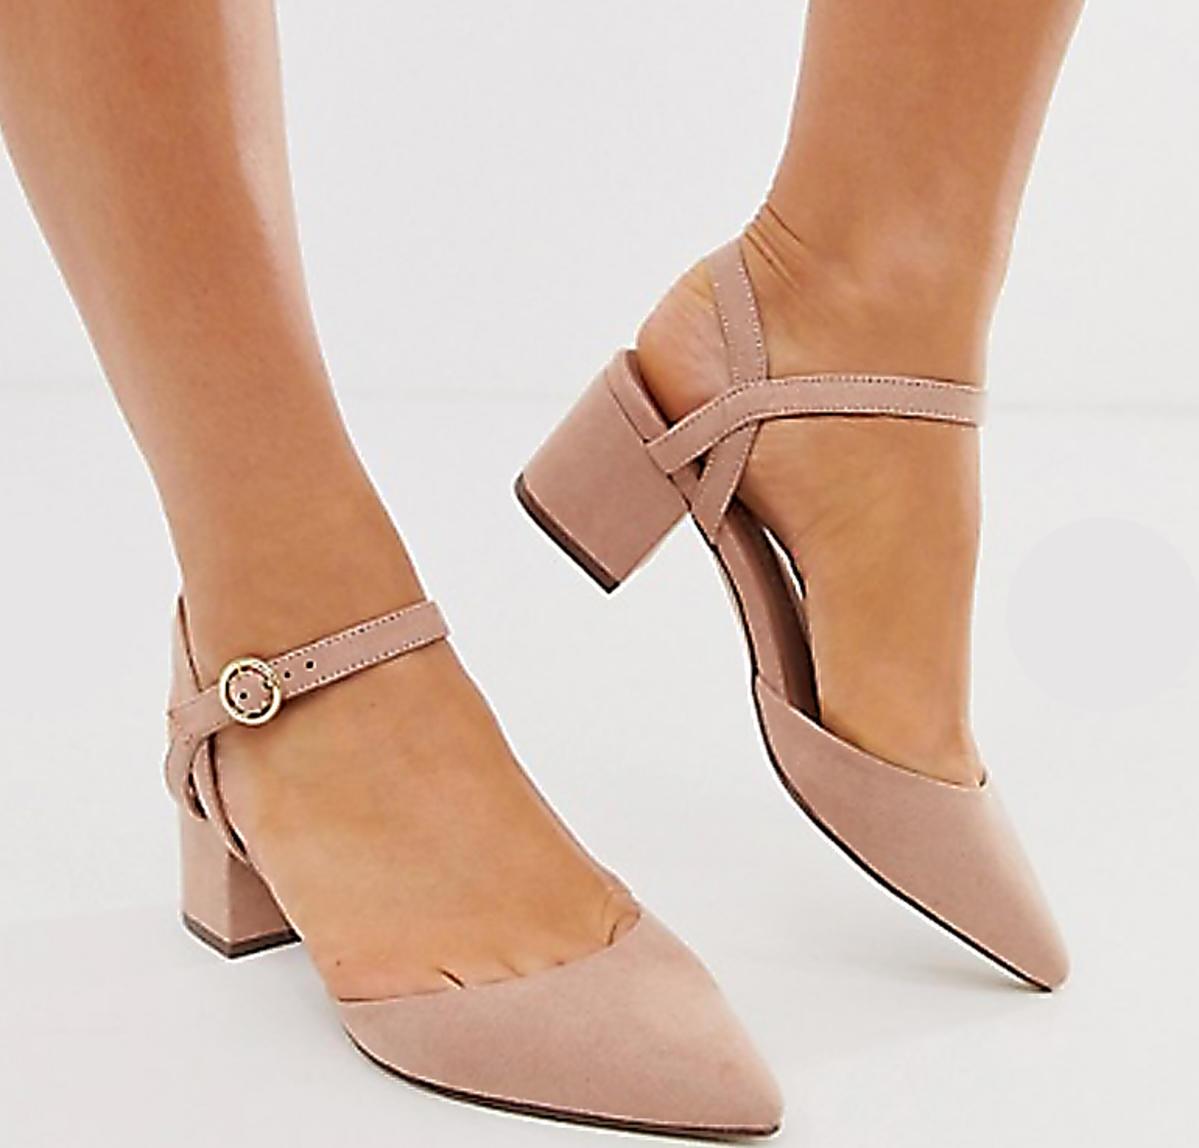 buty księżnej Kate